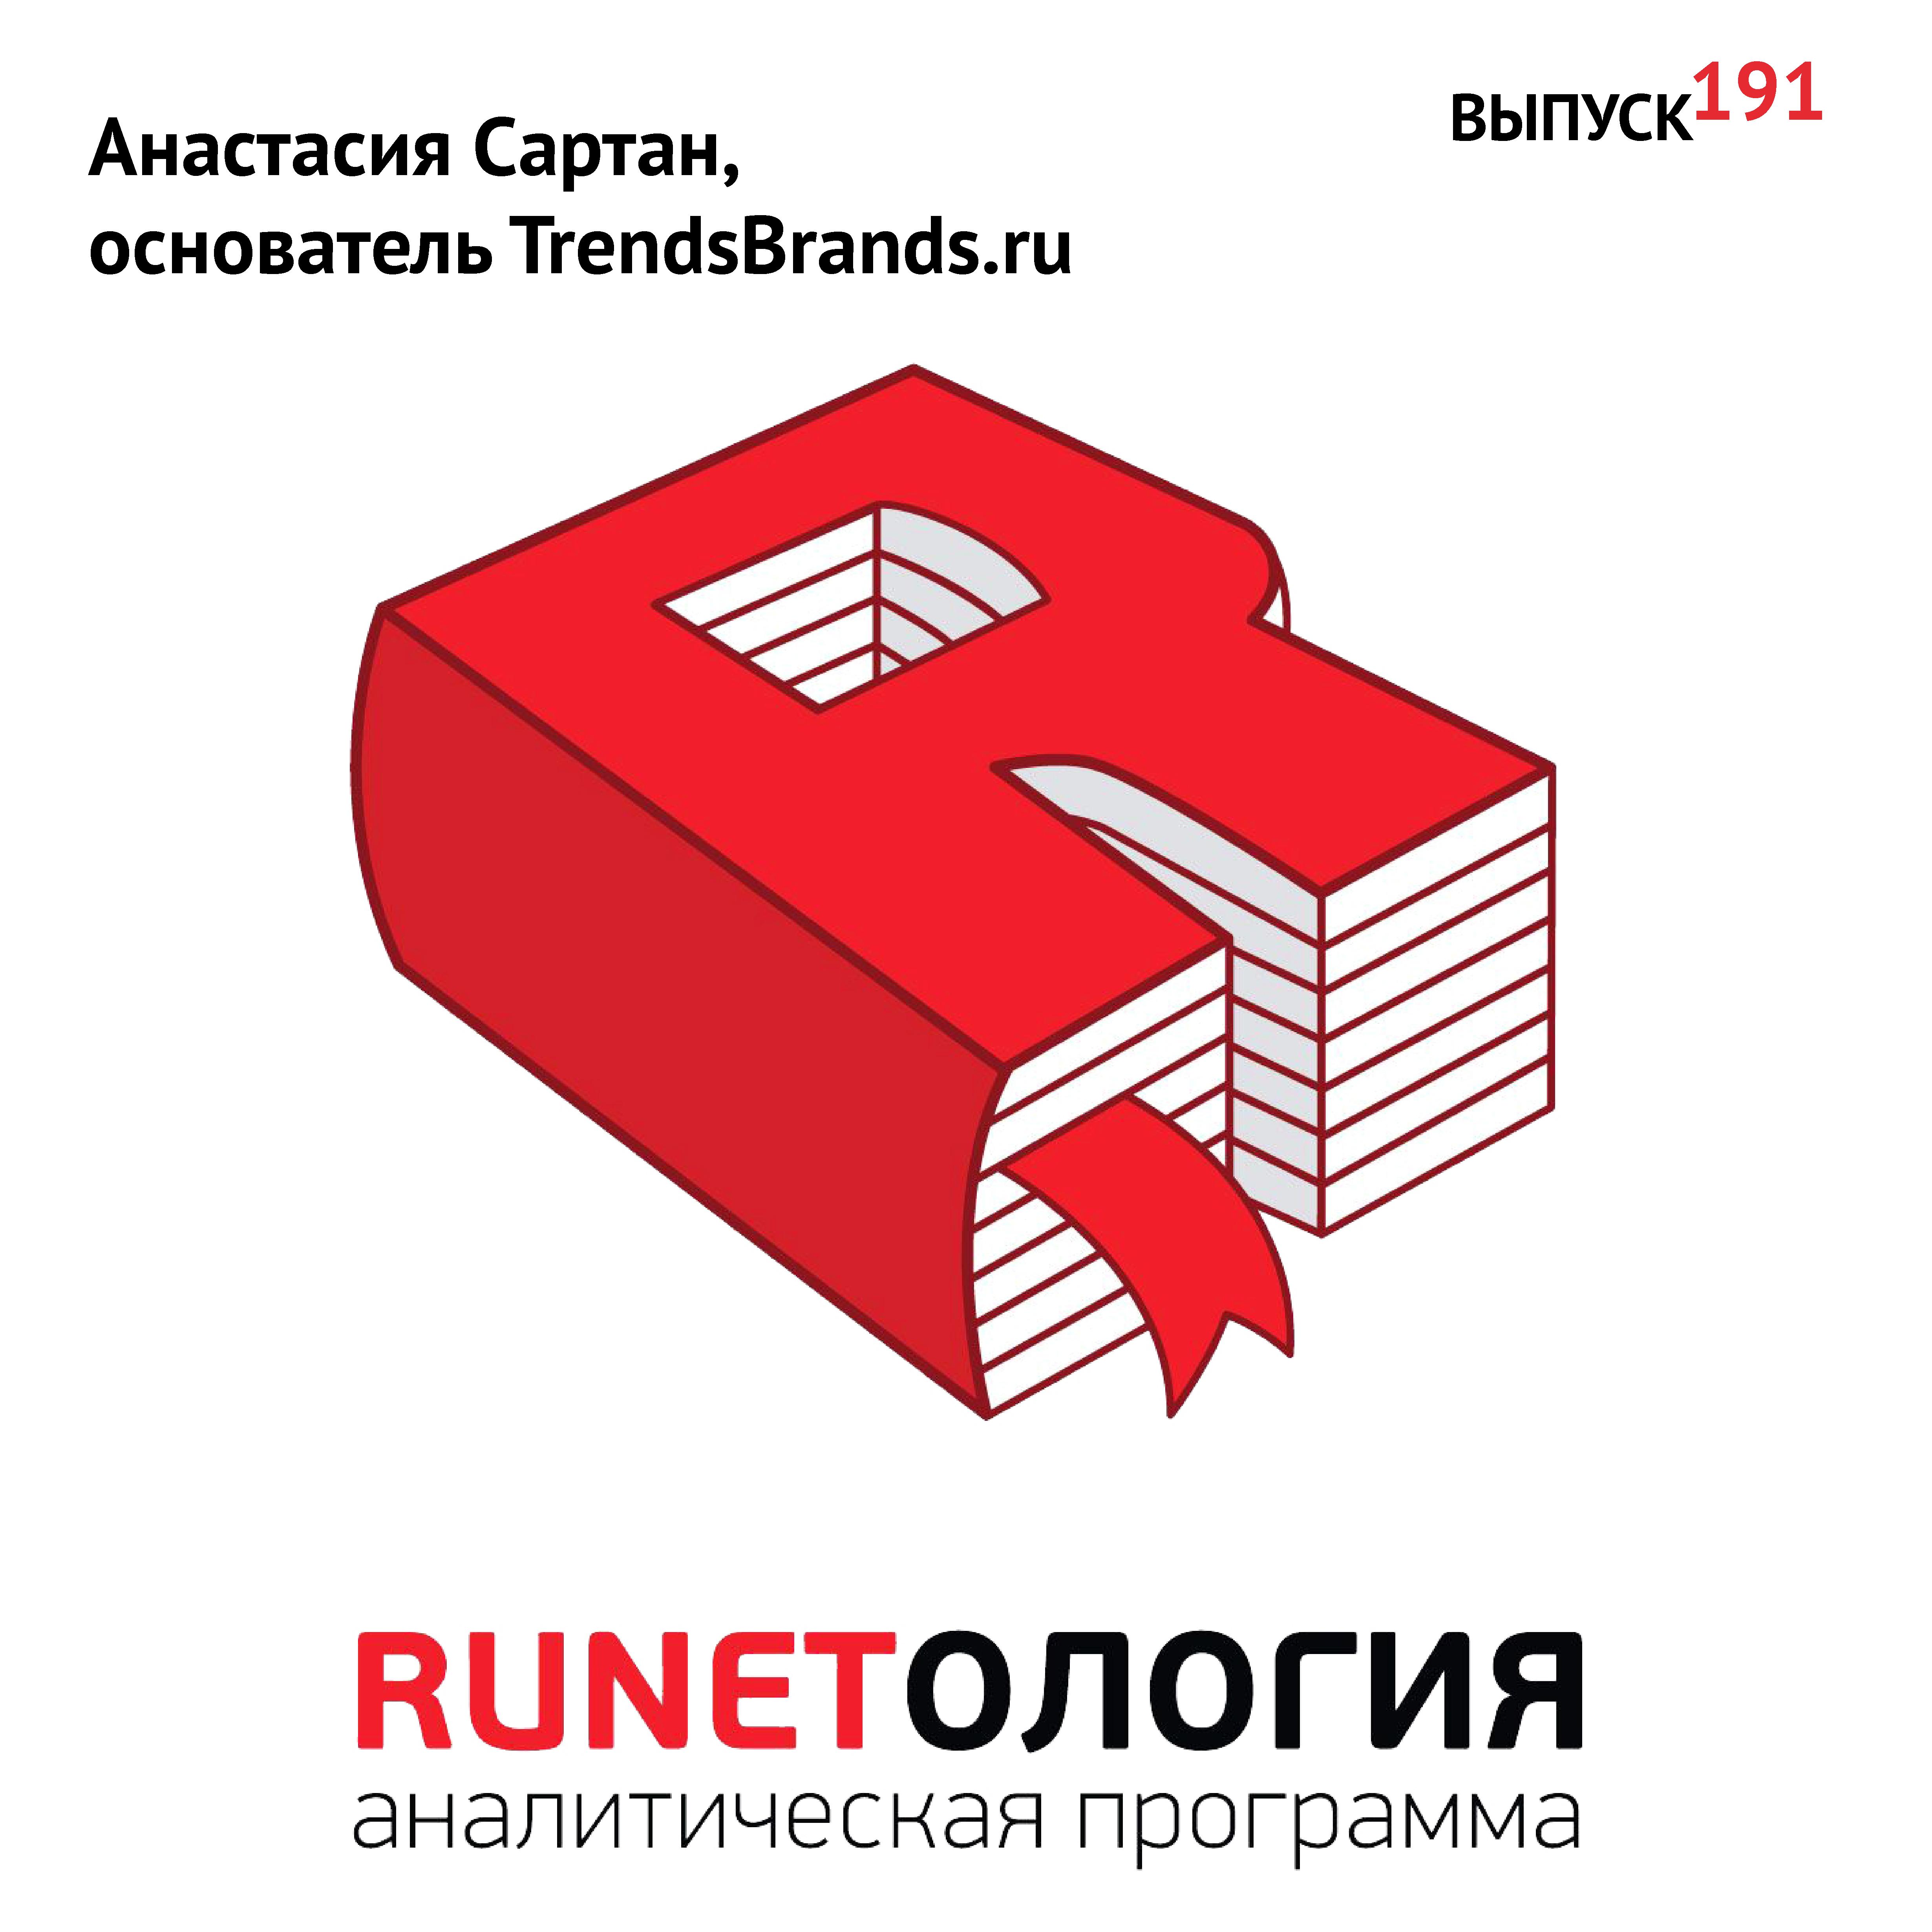 Максим Спиридонов Анастасия Сартан, основатель TrendsBrands.ru